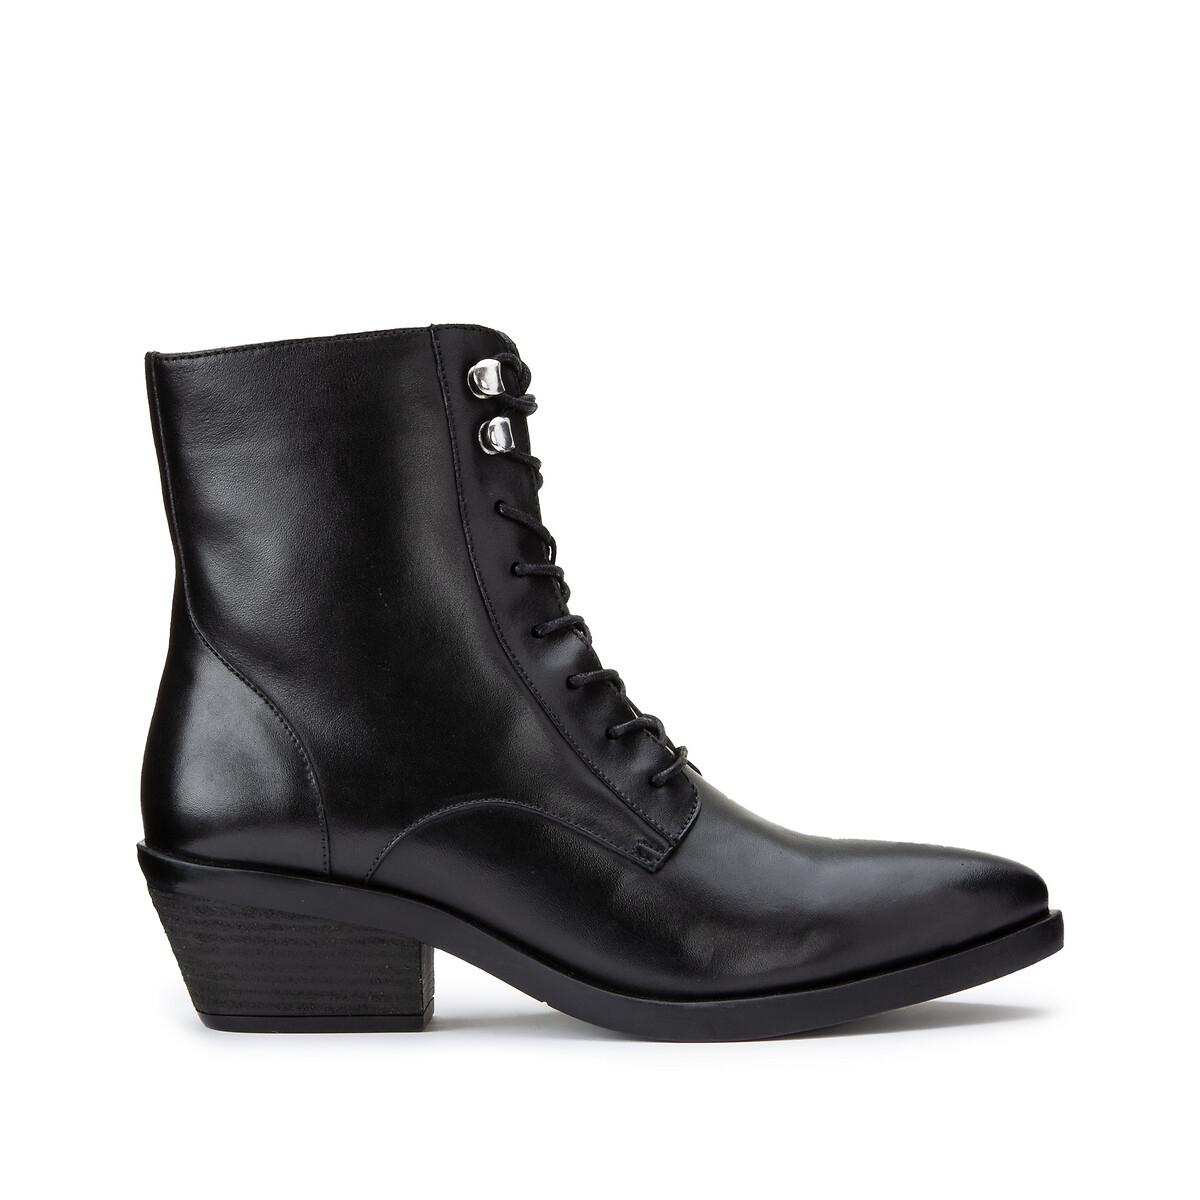 Ботинки LaRedoute Из кожи на широком каблуке 39 черный ботинки laredoute из кожи на широком каблуке с питоновым принтом 39 бежевый